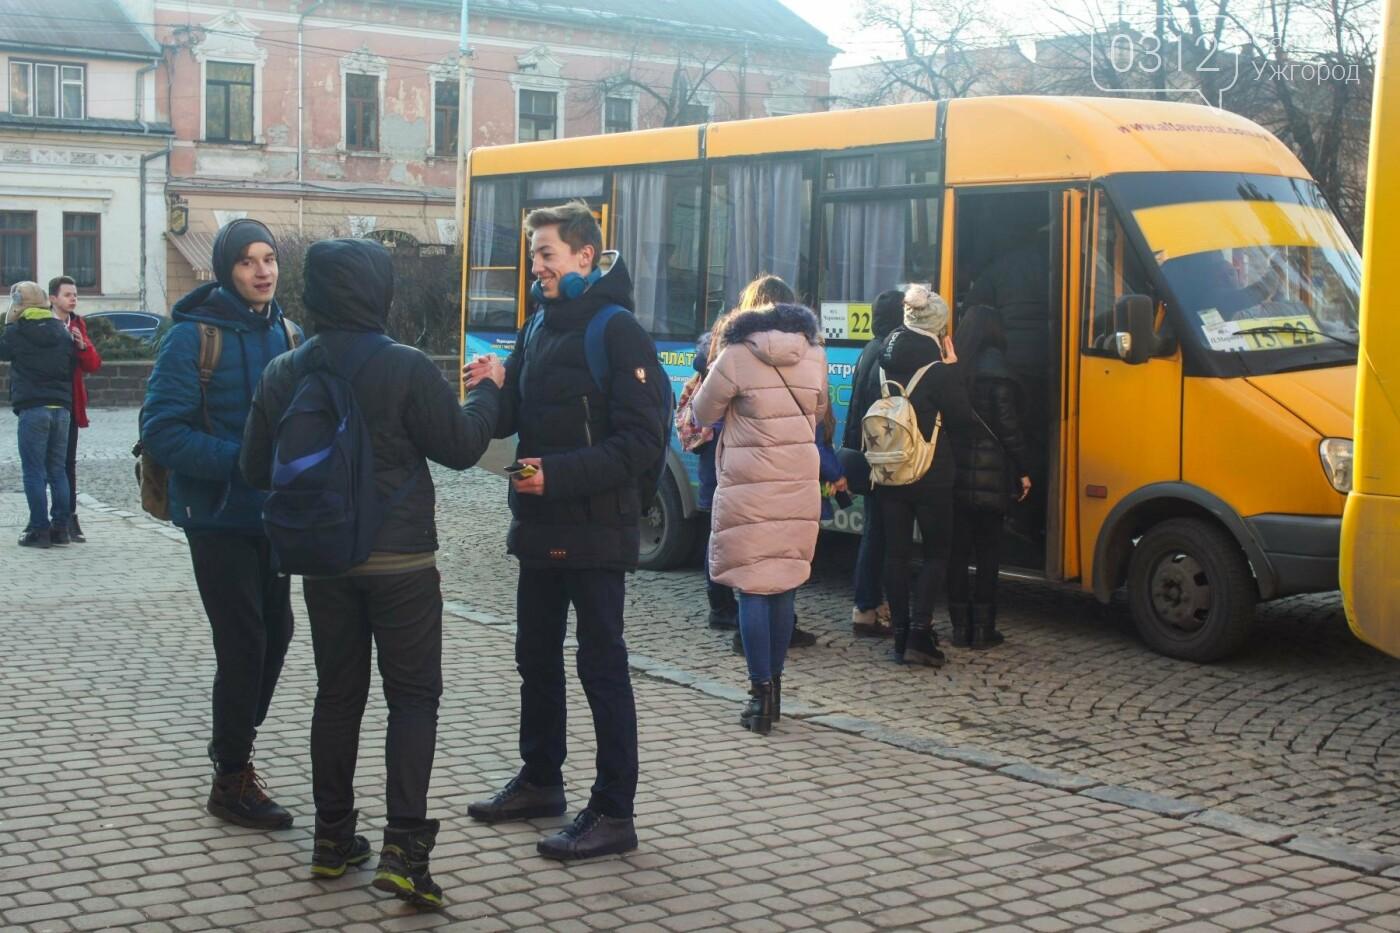 Проблема №15/22: в Ужгороді пасажири півтори години чекають на «маршрутку», а потім скидаються на таксі (РЕПОРТАЖ), фото-5